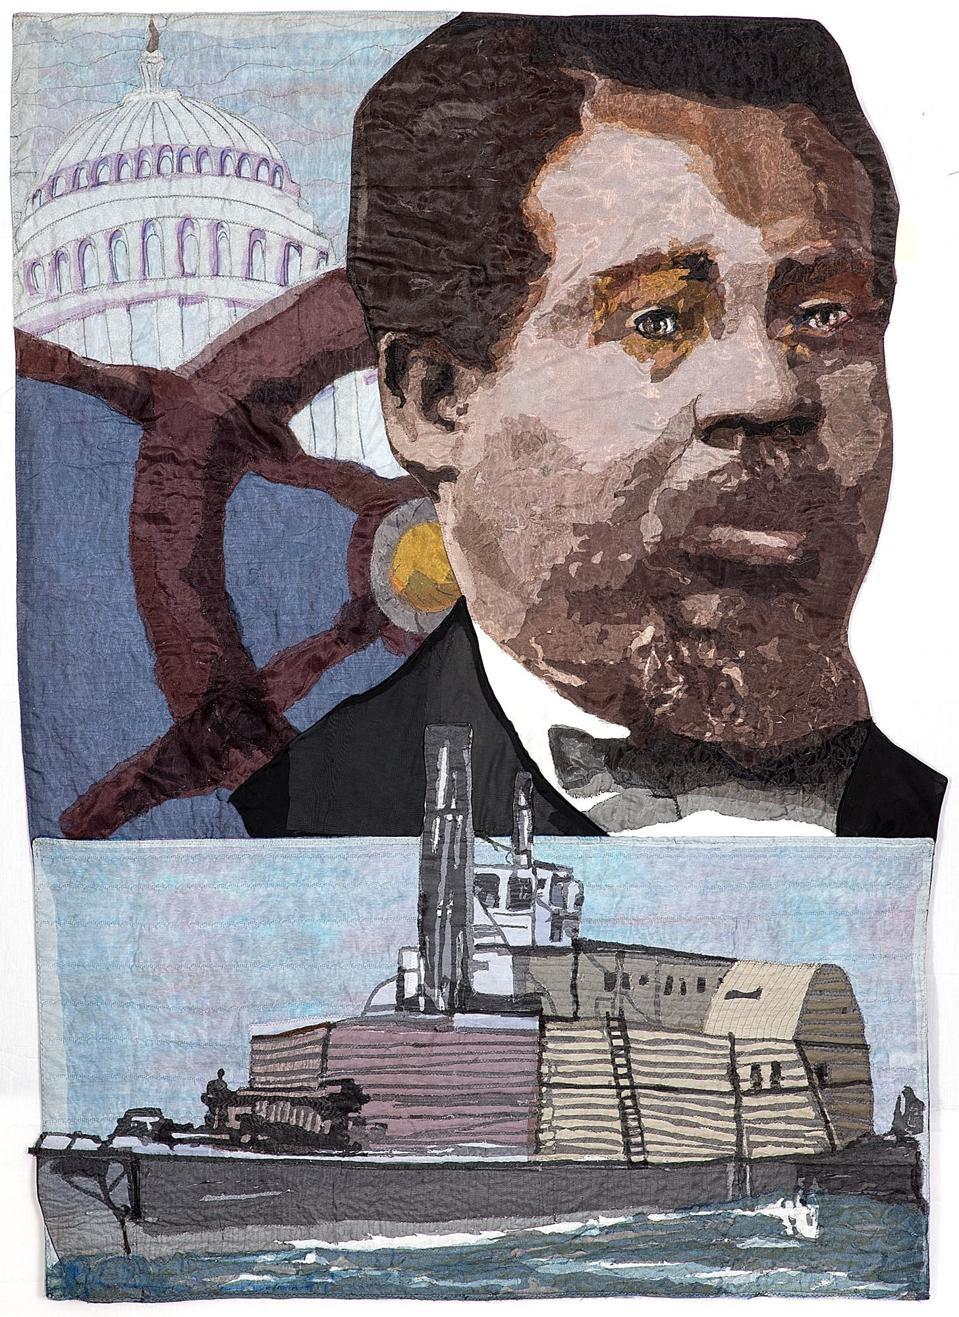 Rober Smalls, a black Civil War hero